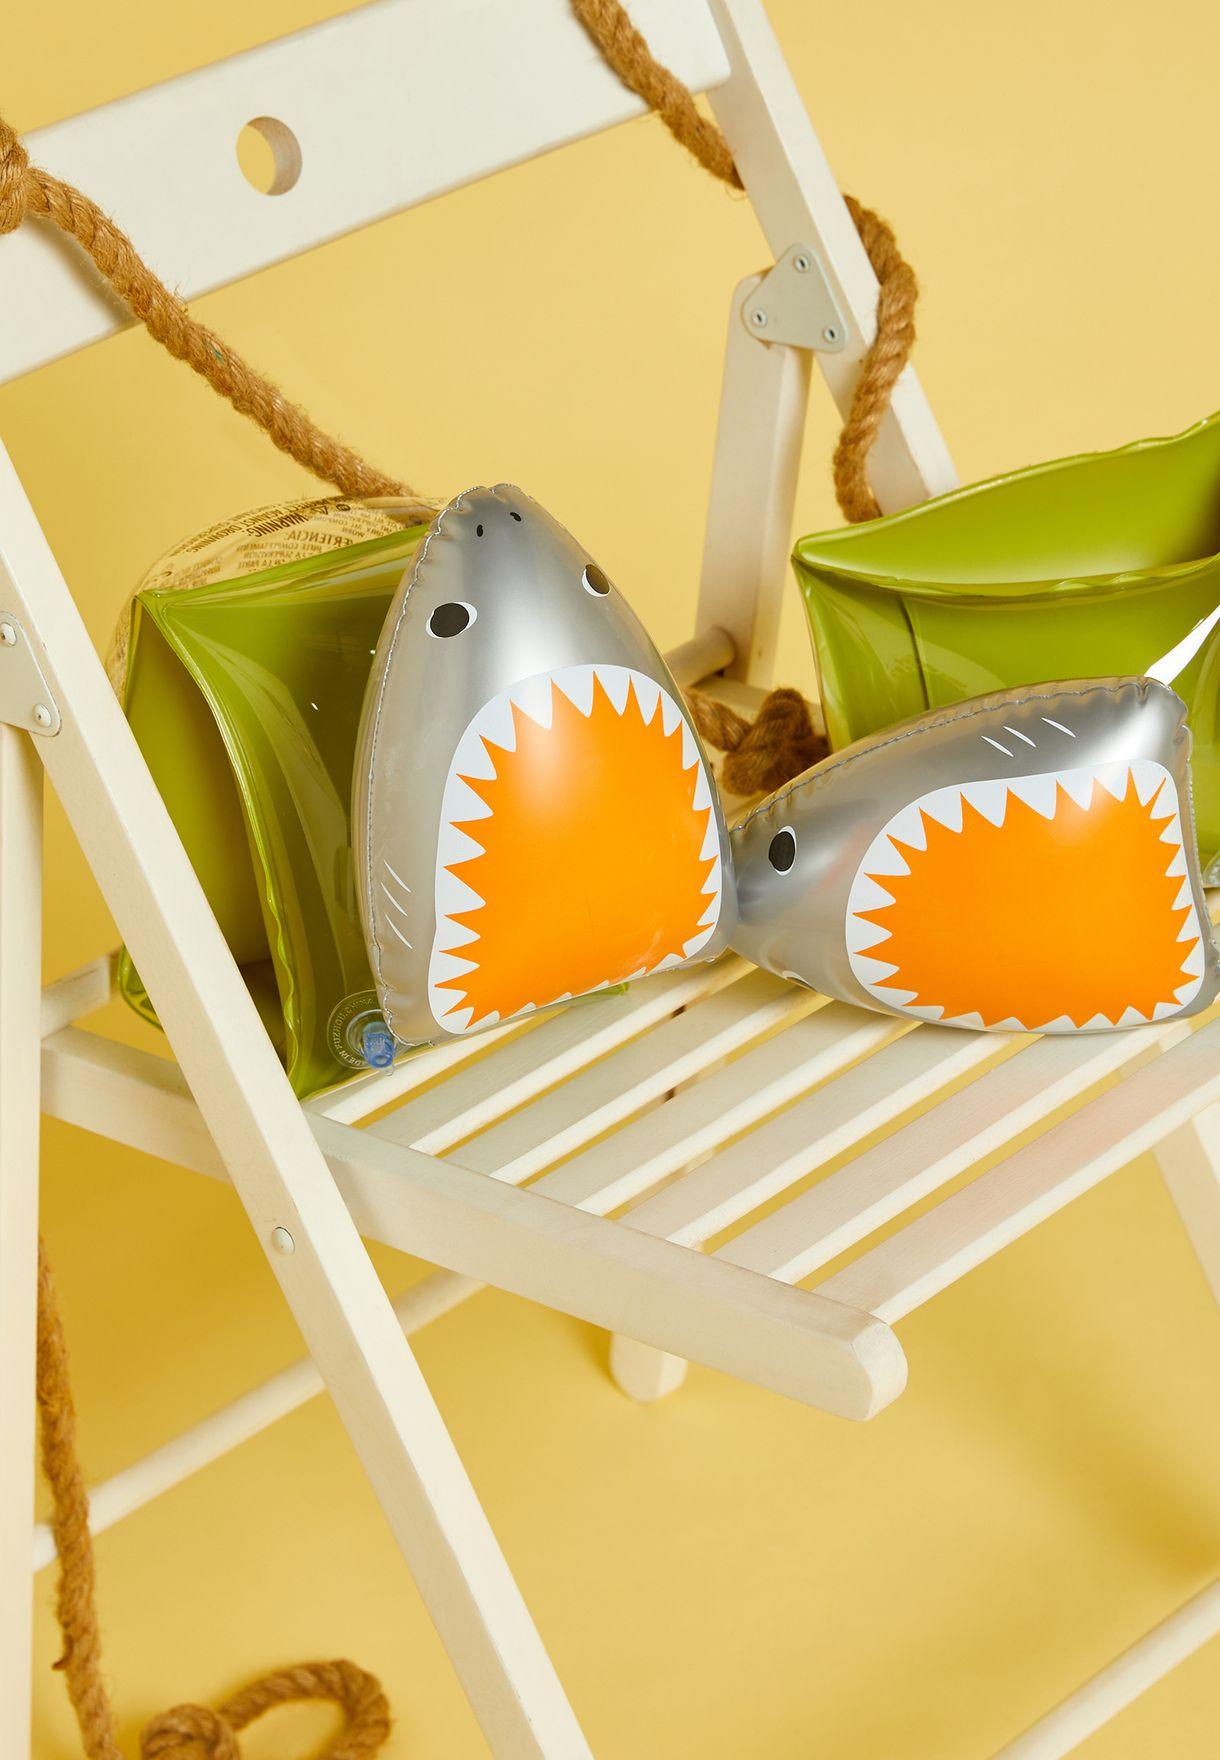 عوامات للاذرع بشكل سمكة القرش